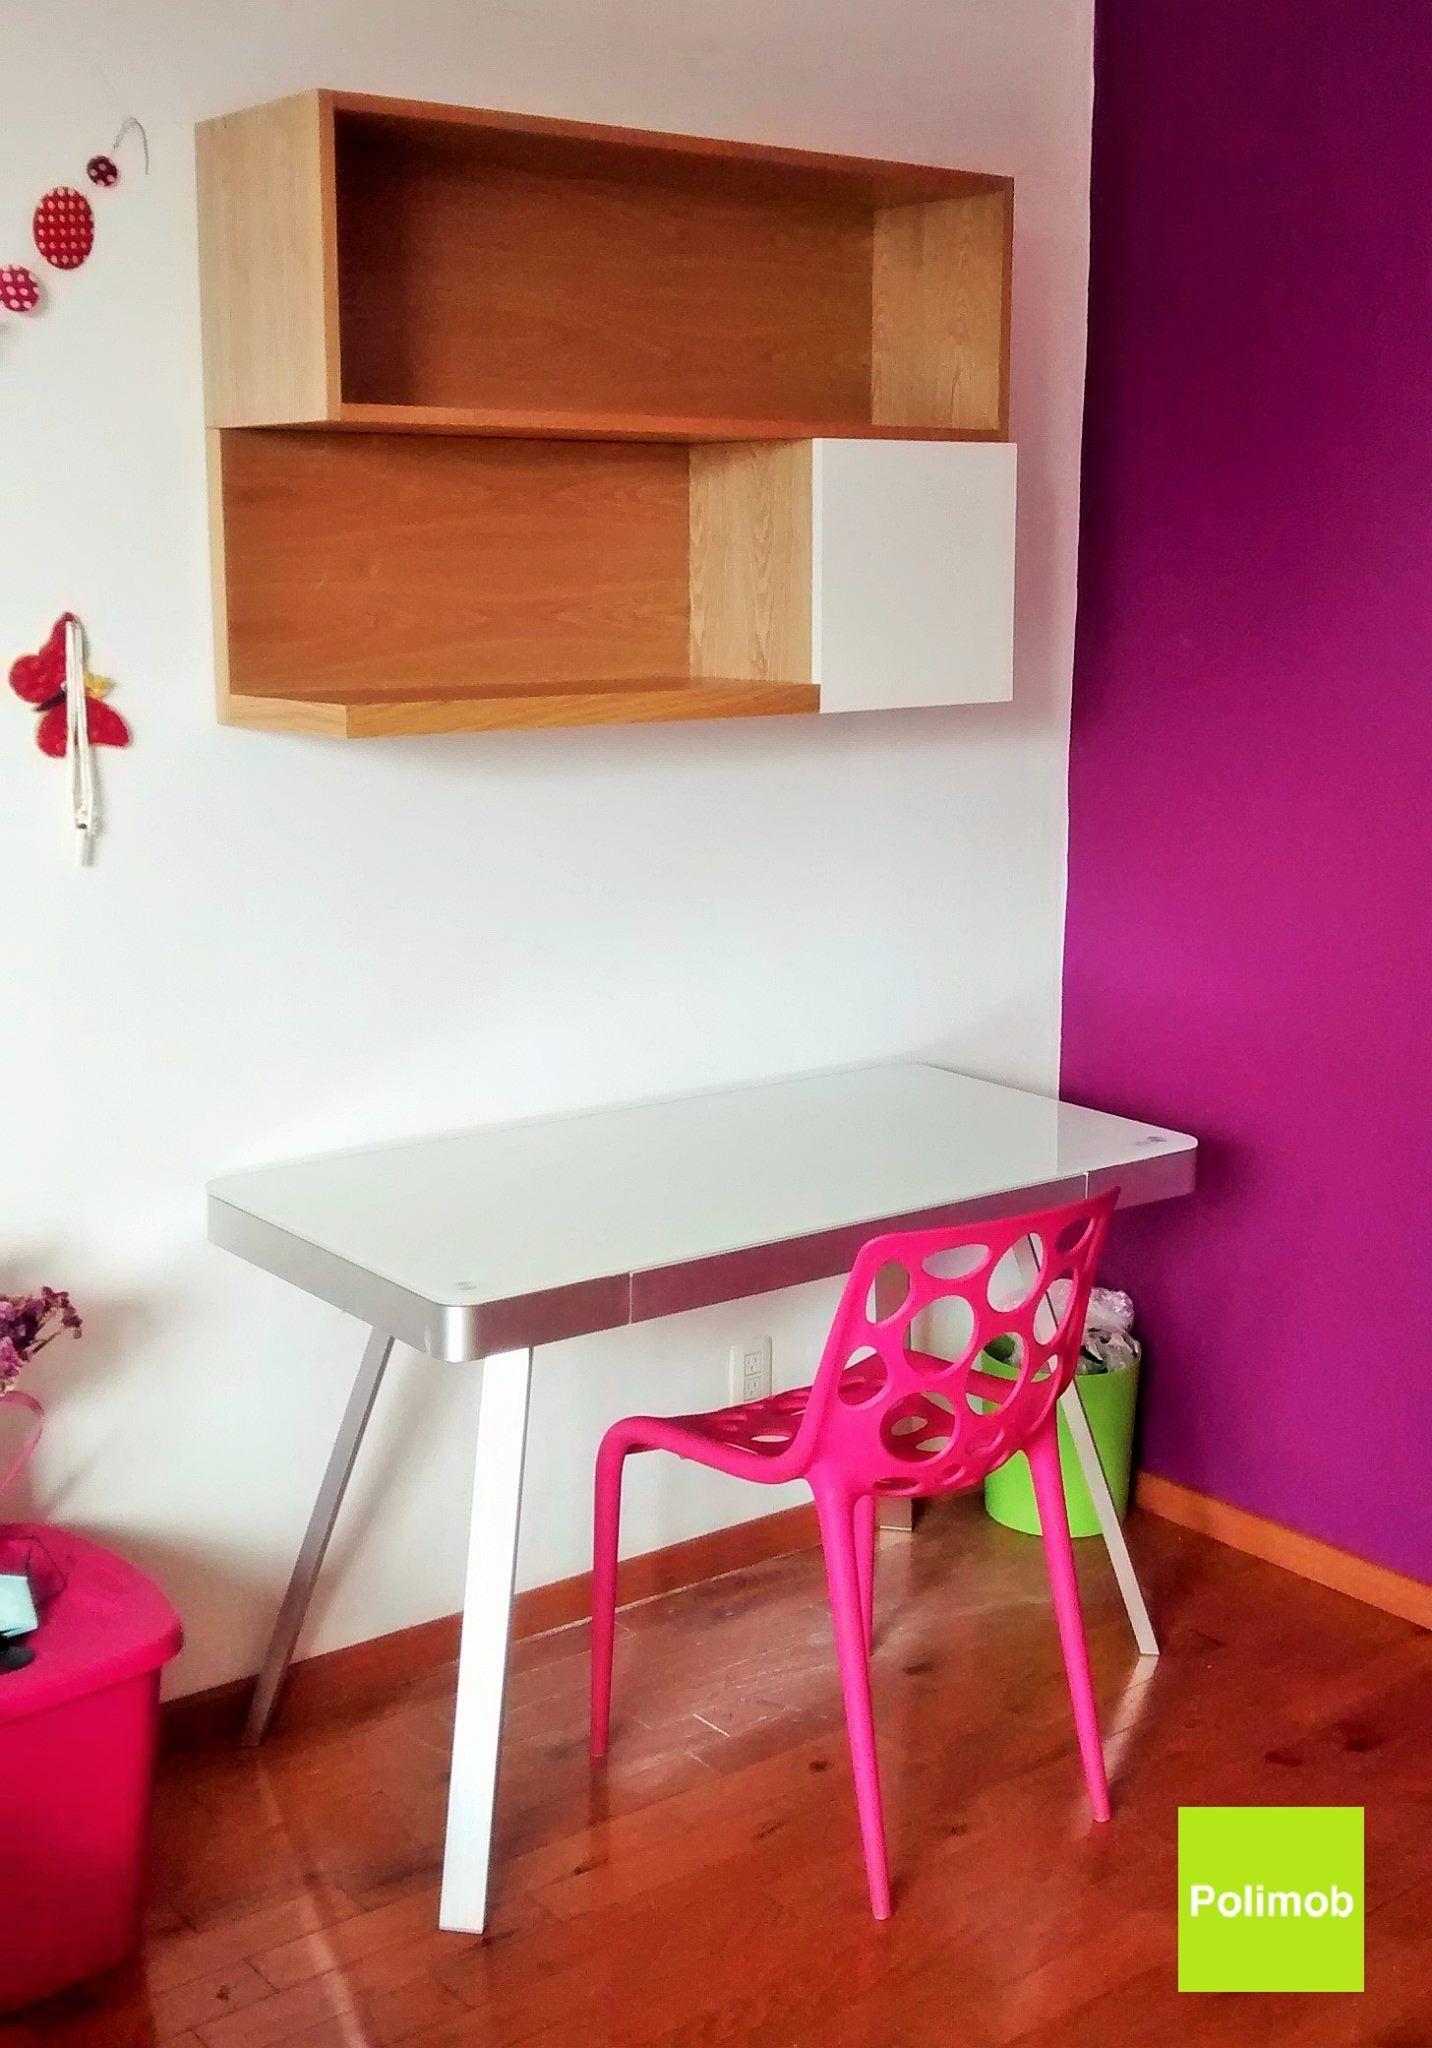 ¿Ya conoces nuestros Módulos de Muro?  ¡Son la solución más práctica y decorativa para poner todo lo que no sabes donde guardar sin sacrificar espacio! Entérate mas en: http://goo.gl/o2fu6a  www.polimob.com.mx #muebles #mexico #diseno #arquitectura #interior #casa #df #polanco #santafe #furniture #buros #recamara #camas #sala #modulos